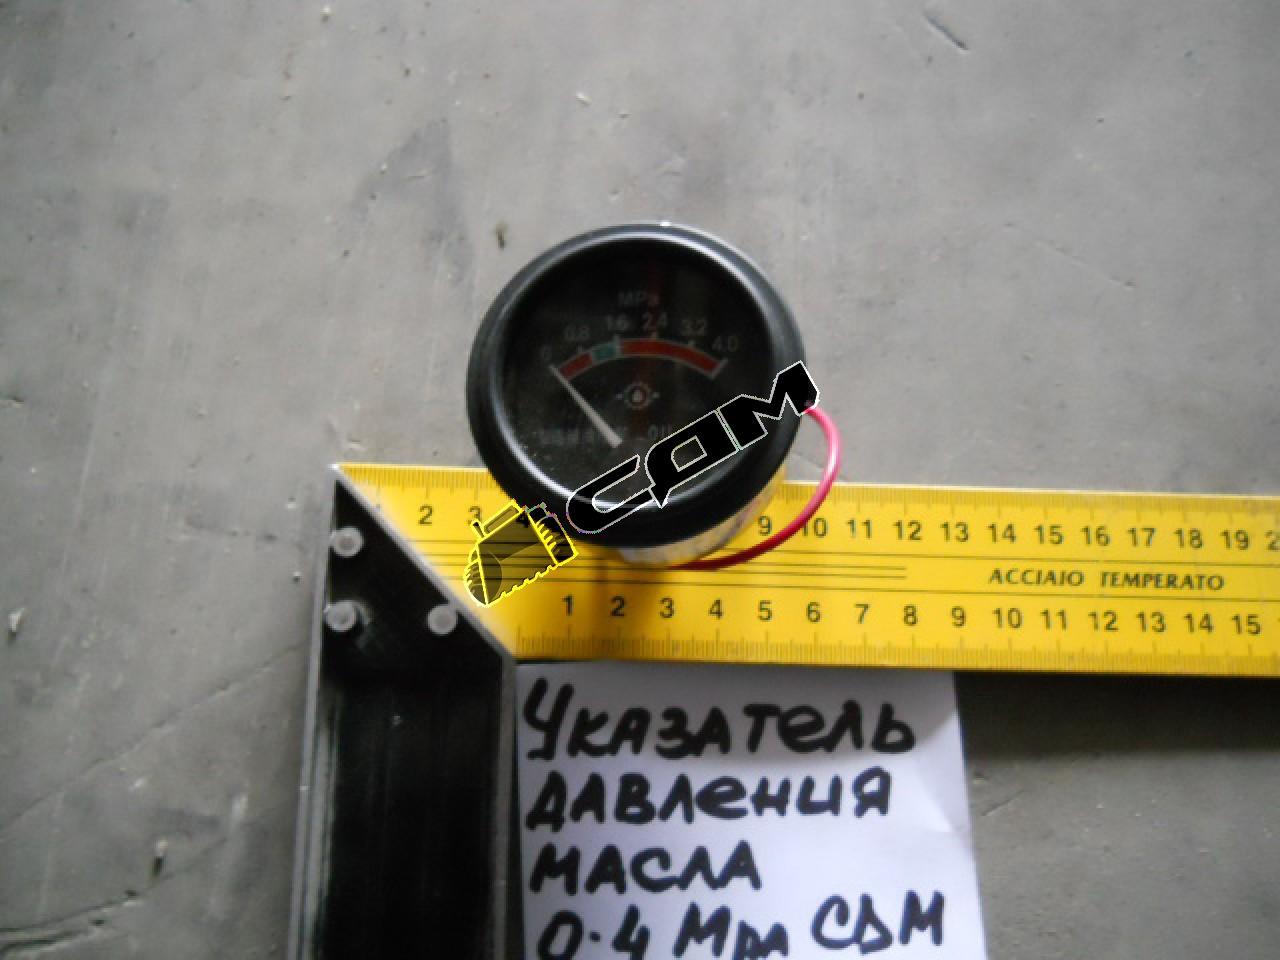 Указатель давления масла 0-4 Мра CDM